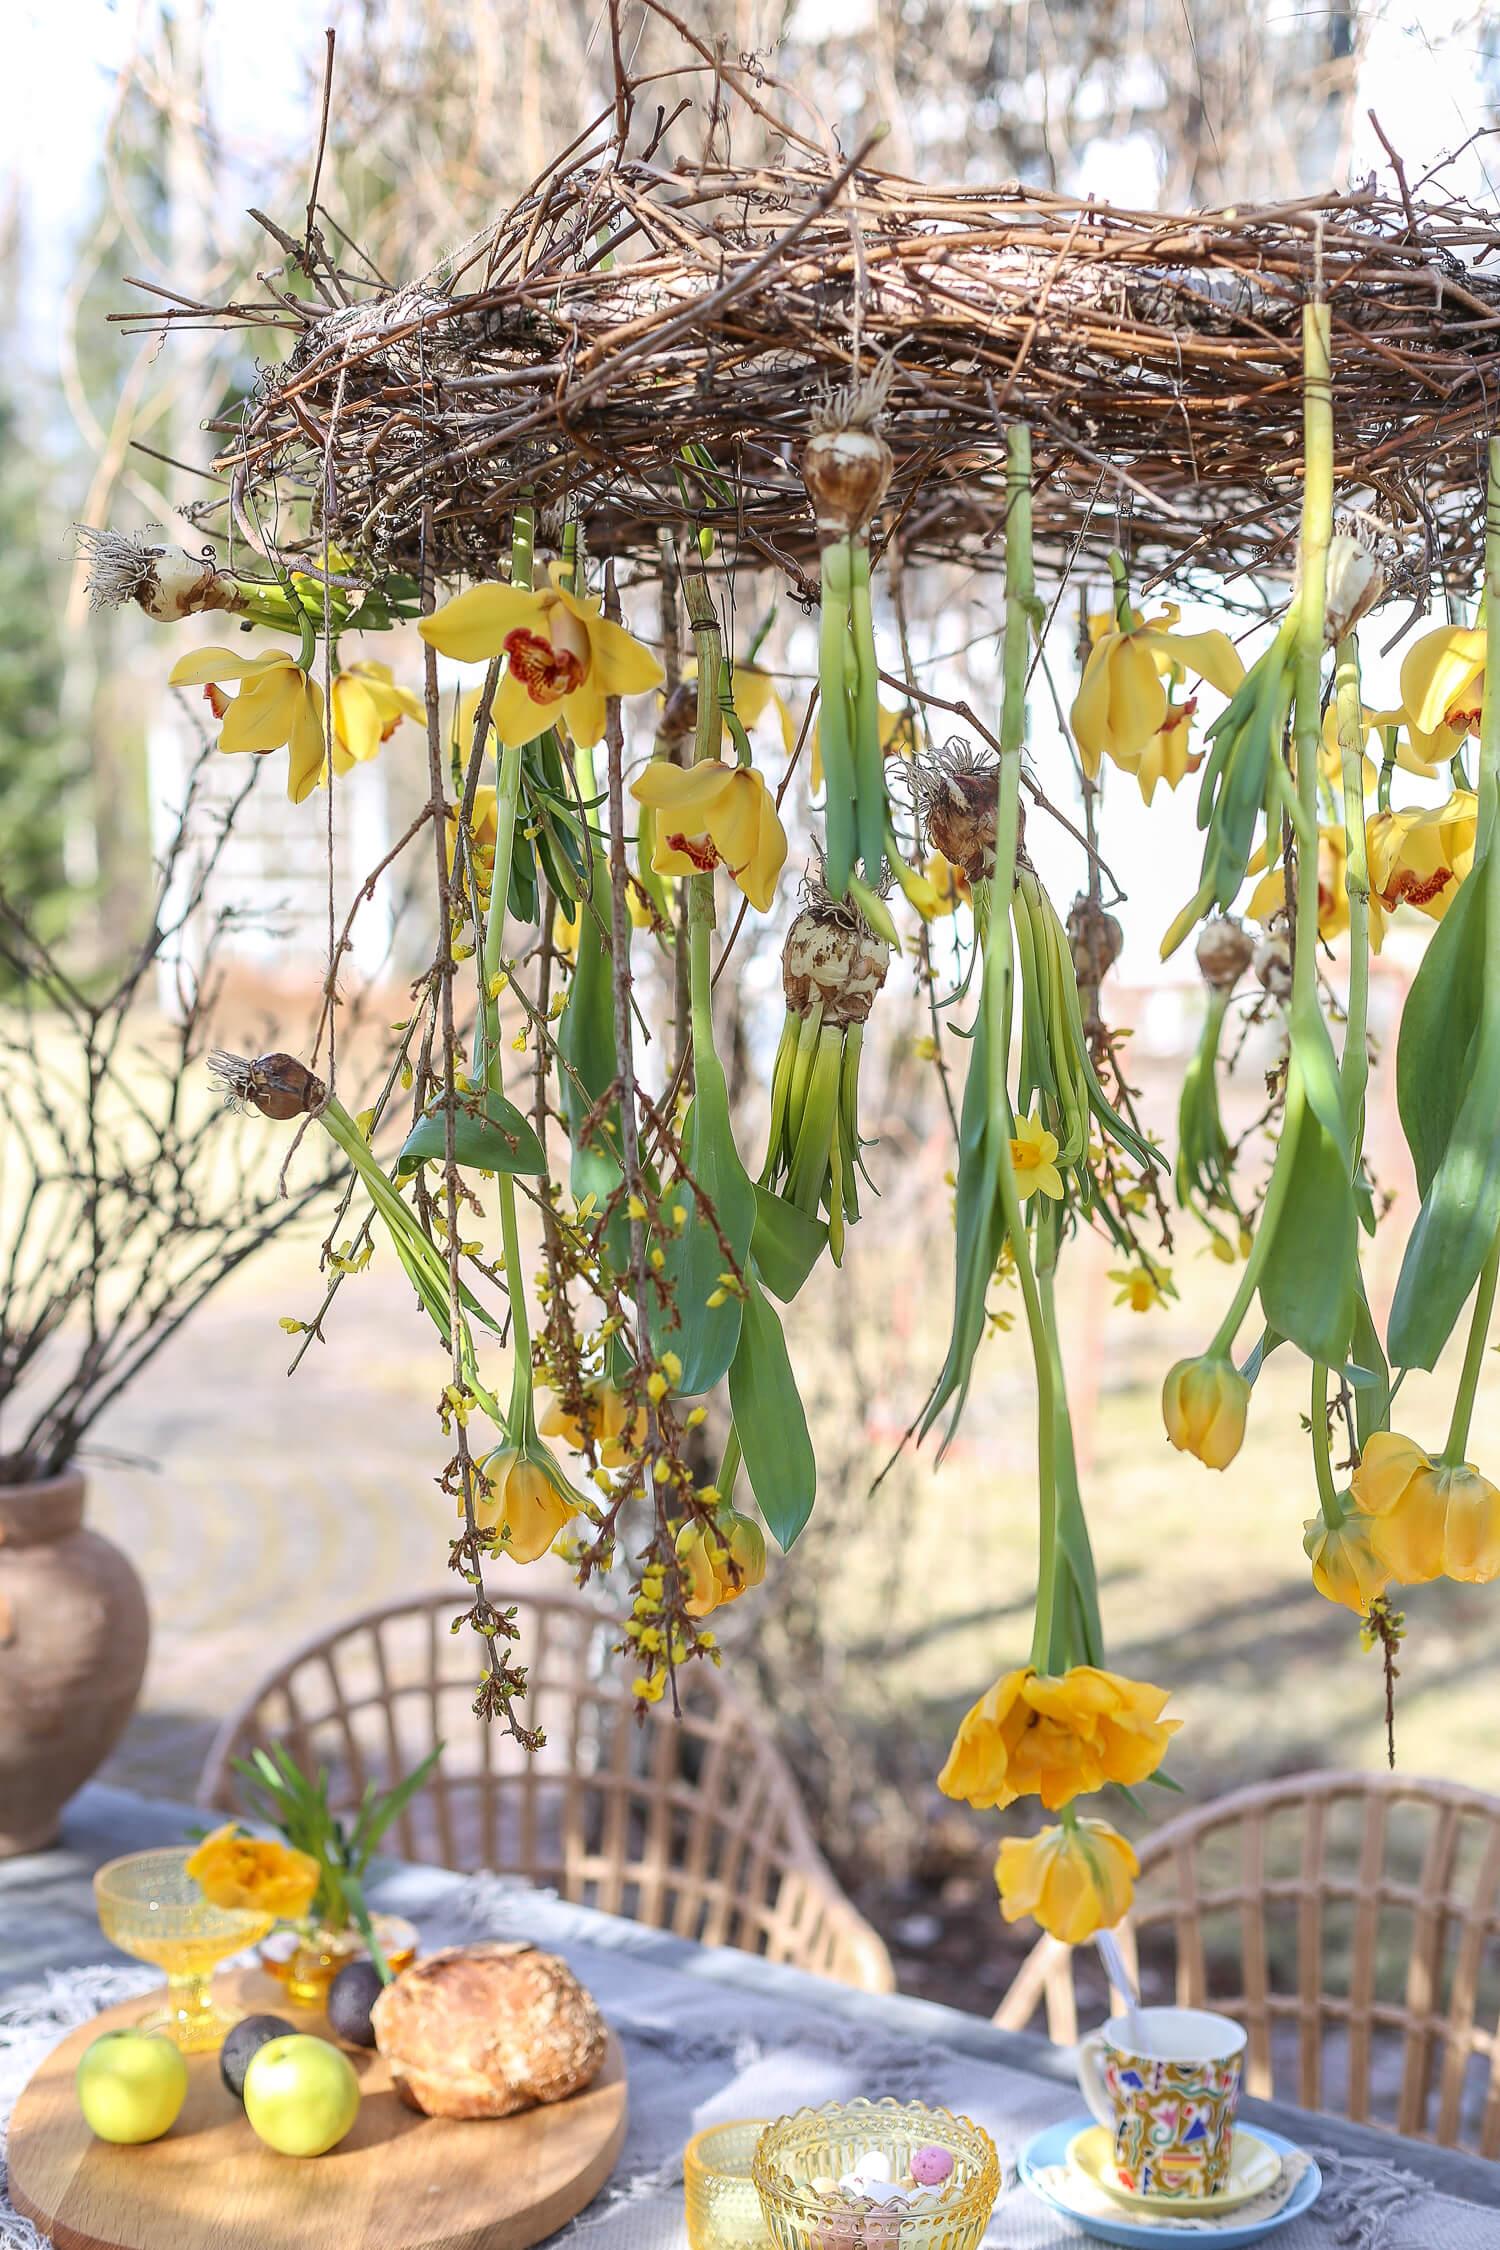 Kukkakattokruunu on kaunis pääsiäiskoriste pöydän päälle.